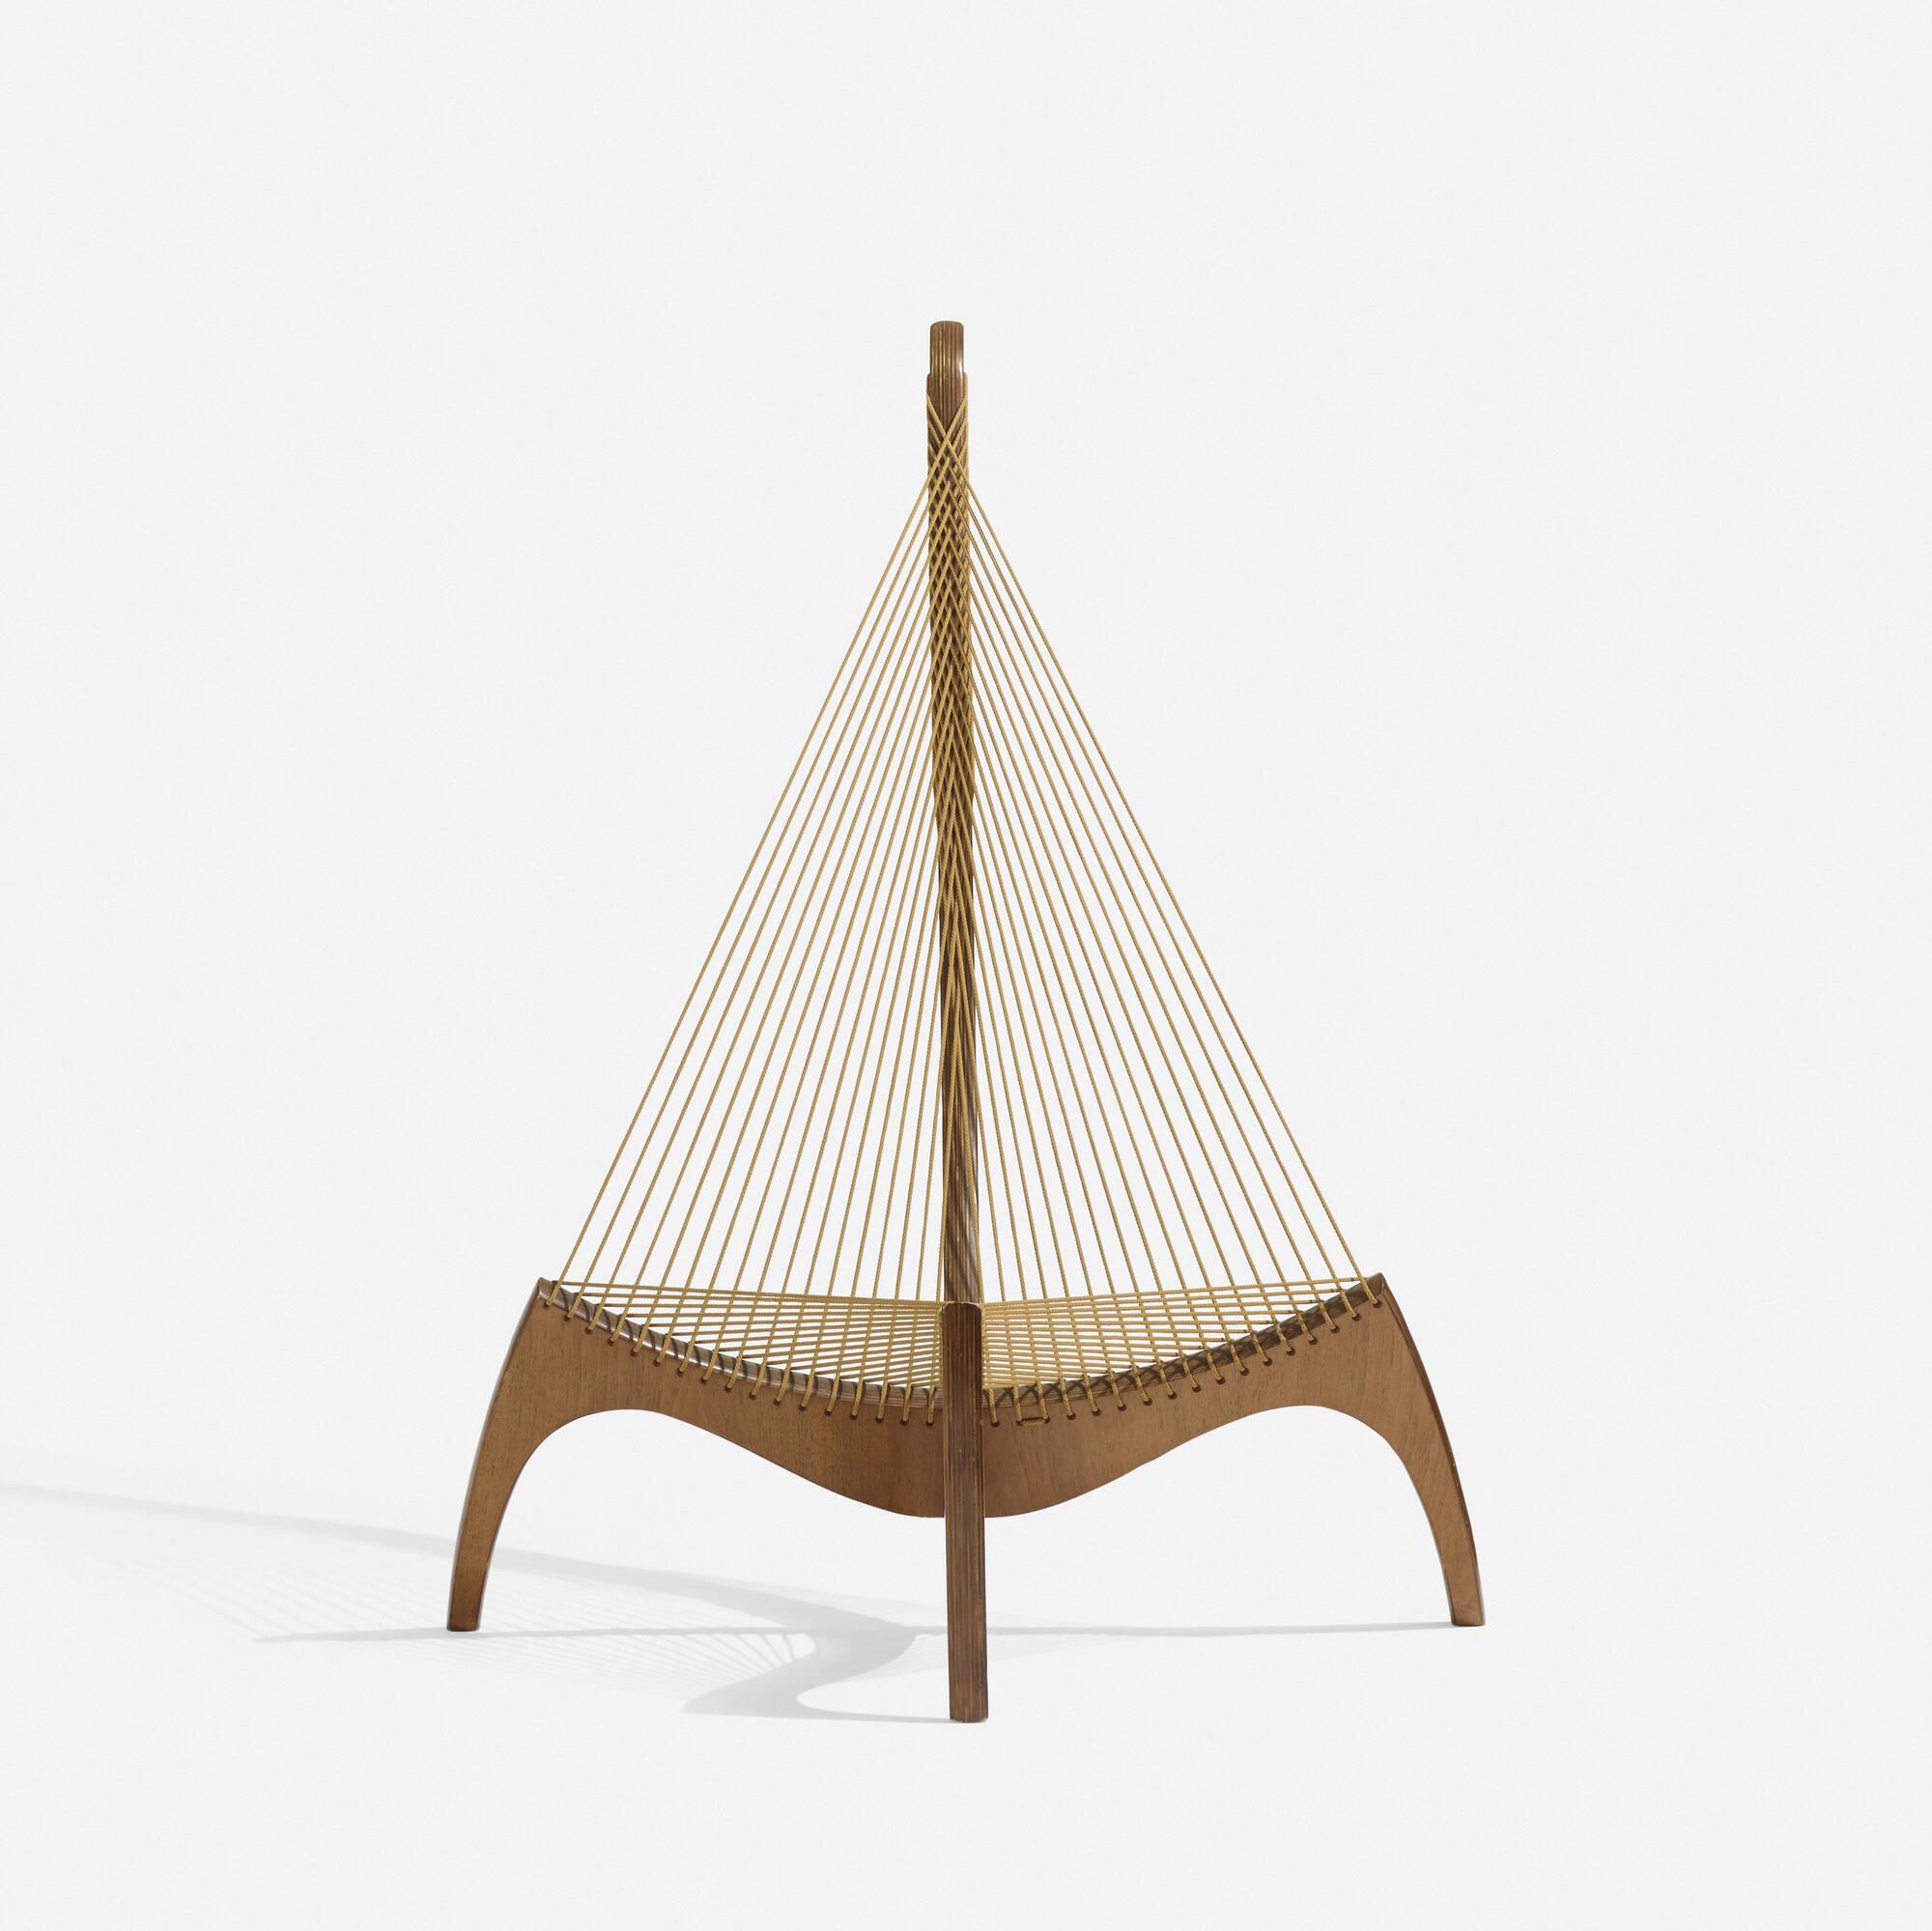 151: Jorgen Hovelskov / Harp chair (2 of 5)